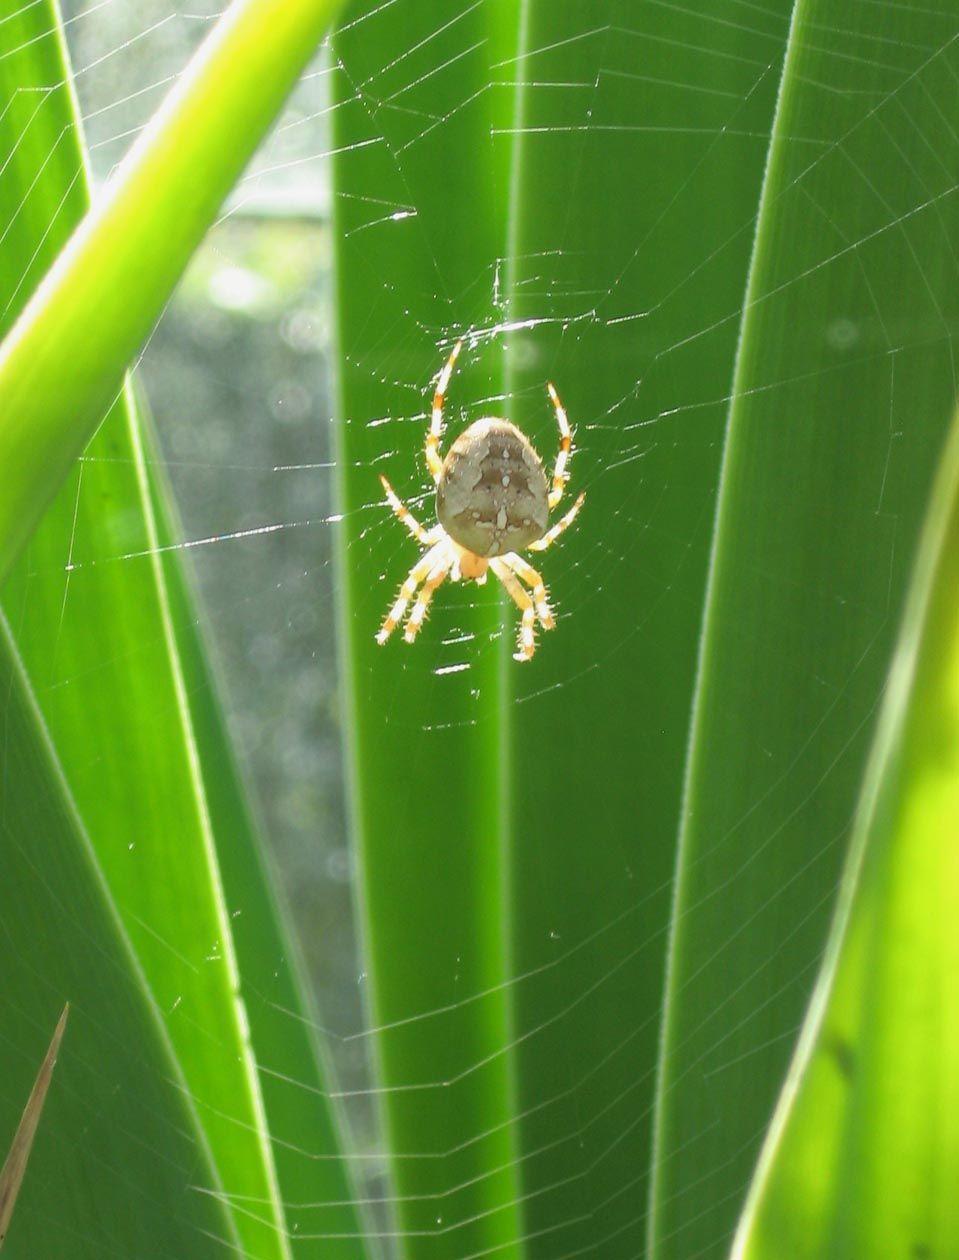 Spider alert! Cae Hir Gardens